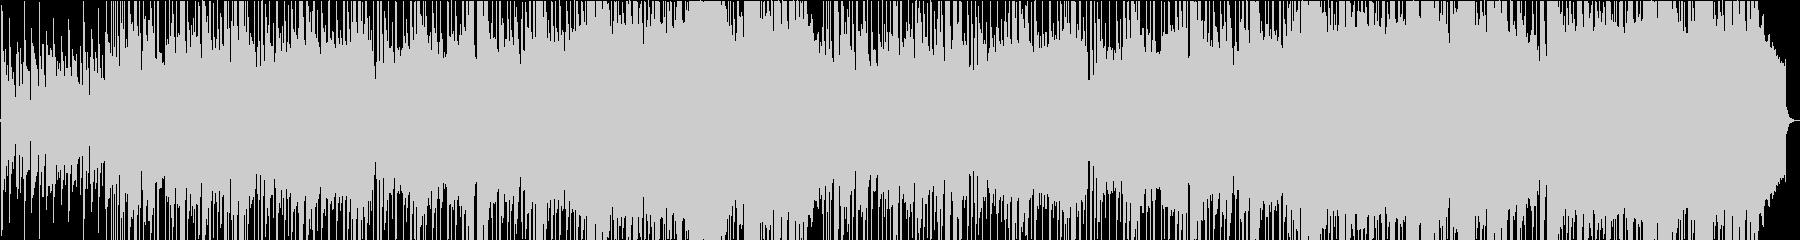 壮大なカントリーバラード/バイオリン中心の未再生の波形